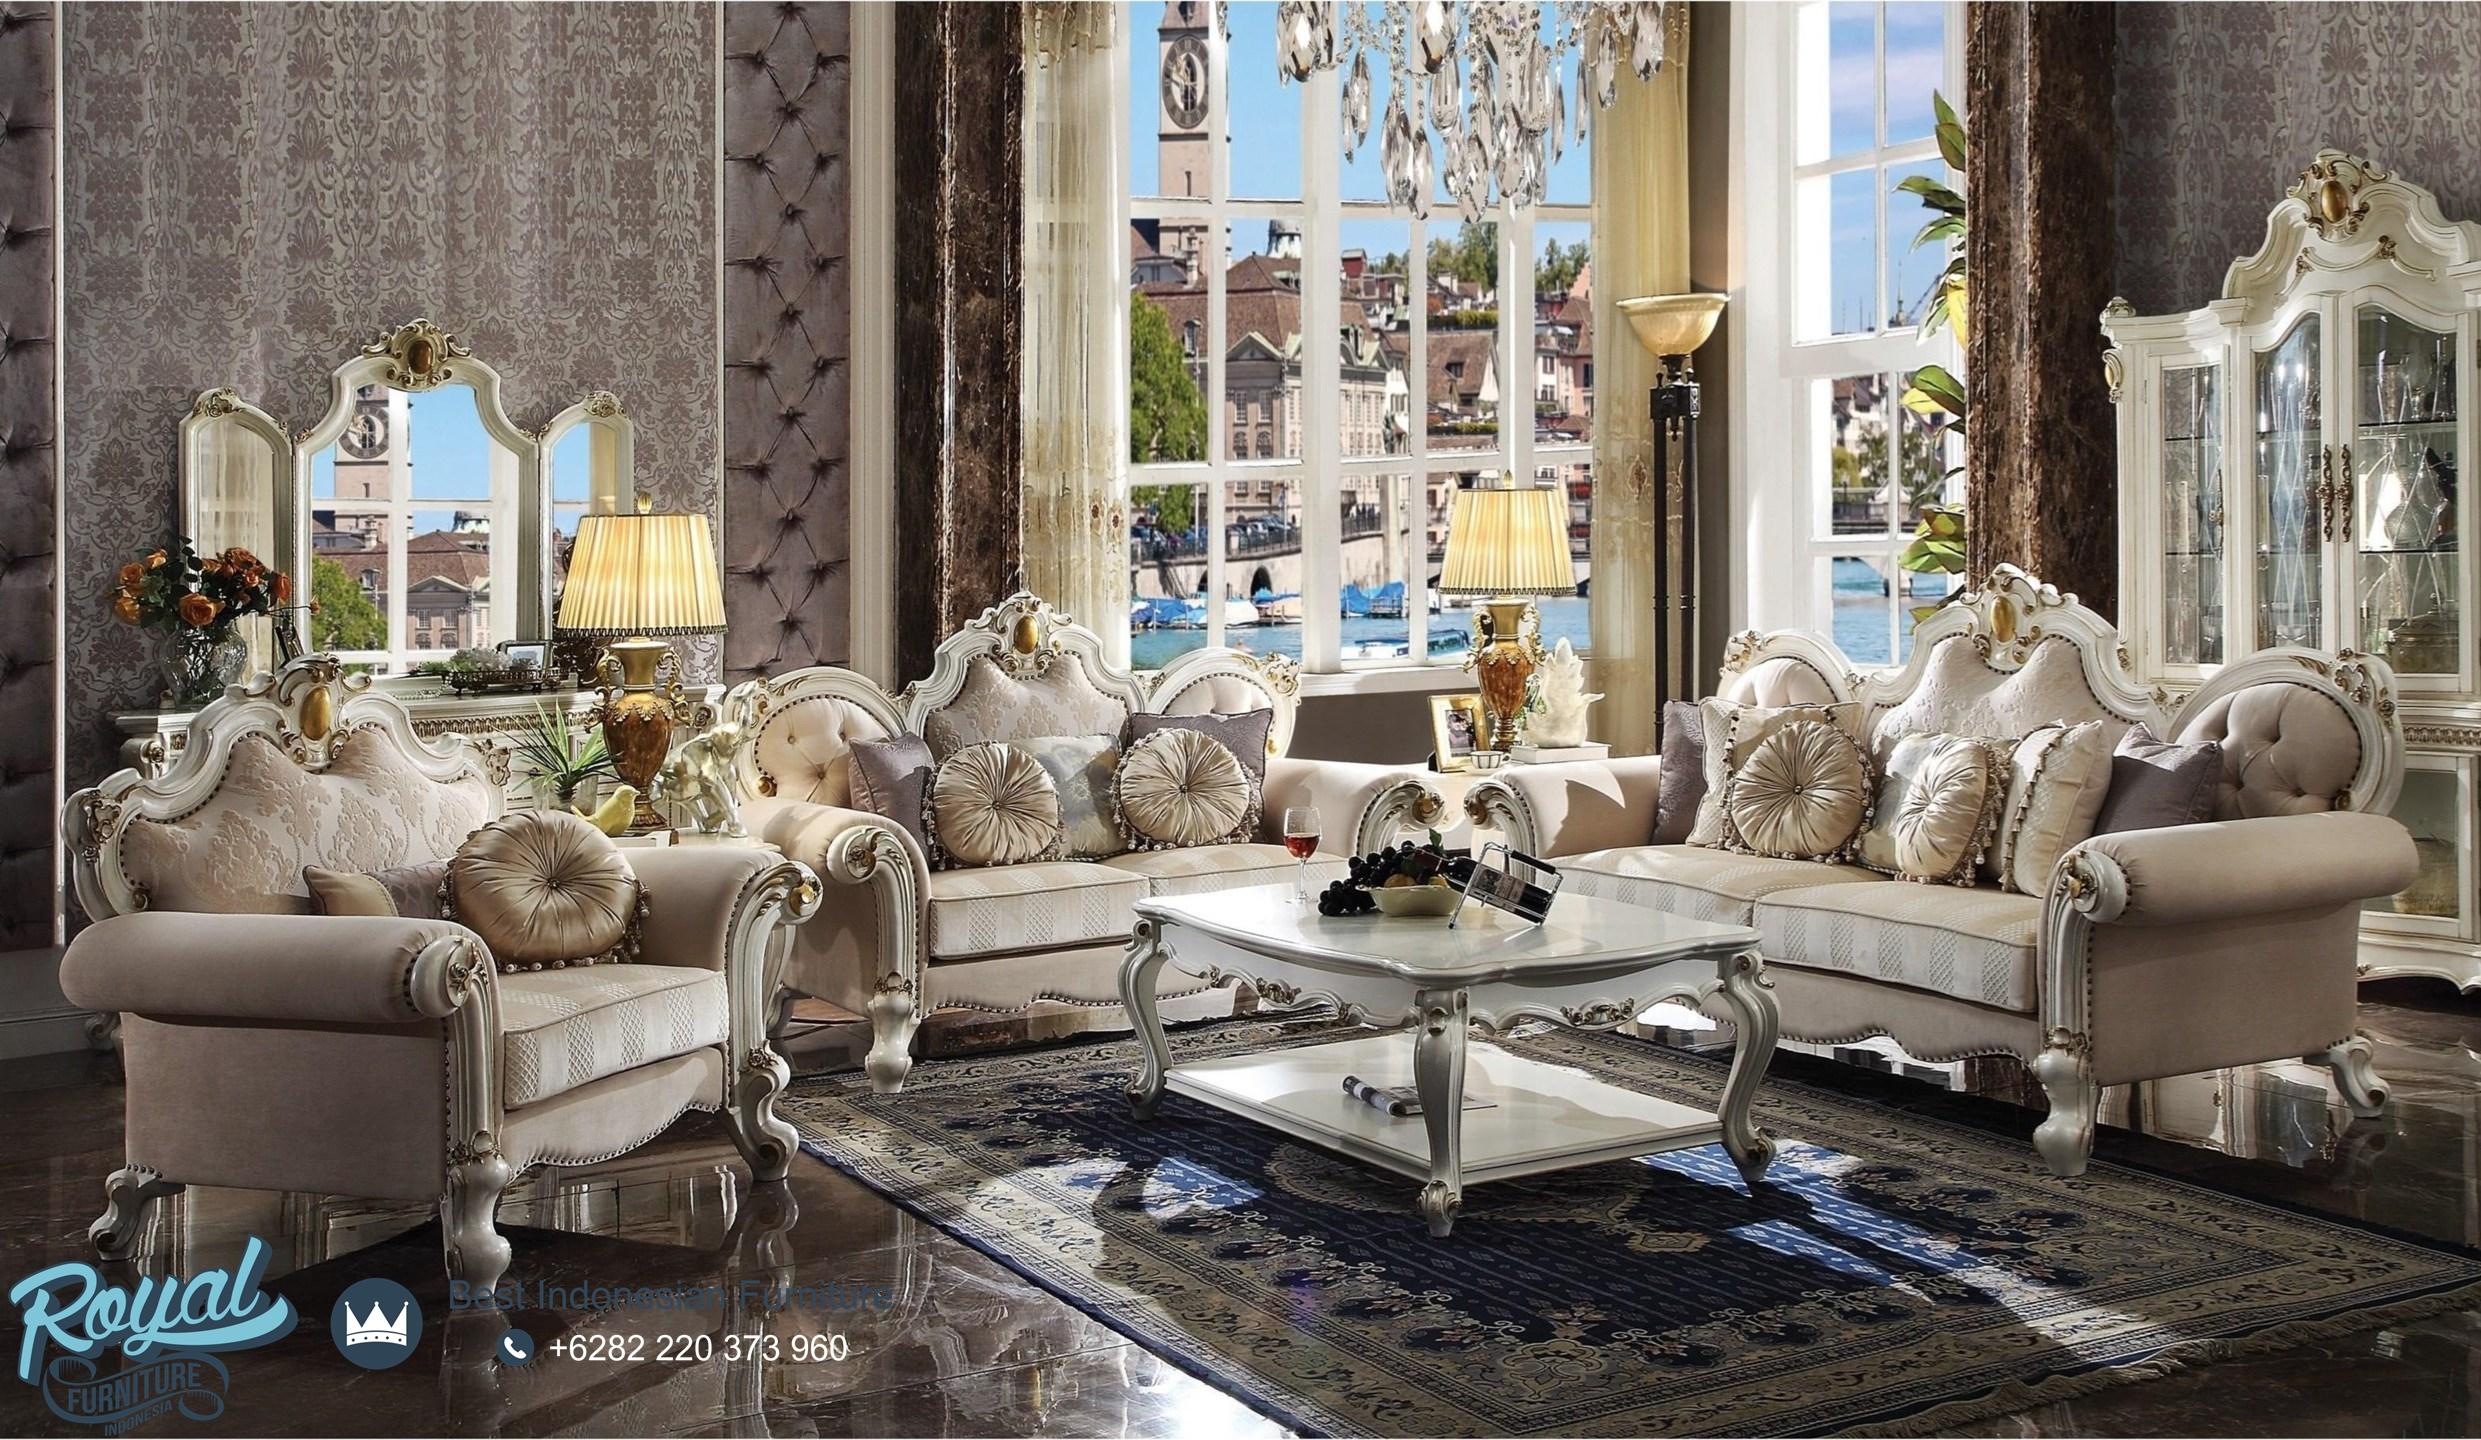 Set Sofa Tamu Mewah Klasik Ukir Jepara Terbaru Acme Picardy, sofa tamu mewah terbaru, desain sofa ruang tamu mewah modern, sofa mewah murah, sofa mewah minimalis, sofa mewah kulit asli, model sofa mewah terbaru, model sofa mewah elegan, sofa tamu ukir jepara, sofa tamu jepara terbaru mewah, sofa tamu jepara terbaru, sofa tamu jepara minimalis, sofa tamu jepara warna putih duco, sofa ruang tamu jepara, sofa tamu jati jepara, kursi sofa tamu jepara, sofa tamu ukiran jepara, harga sofa tamu jepara murah, sofa jepara, harga sofa tamu jepara, sofa mewah, sofa kayu jati ukir, kursi tamu jepara terbaru, furniture mewah, furniture kayu jati, furniture kayu, mebel minimalis, jati jepara,jepara furniture, mebel jati jepara, ukir jepara, mebel jepara, royal furniture jepara